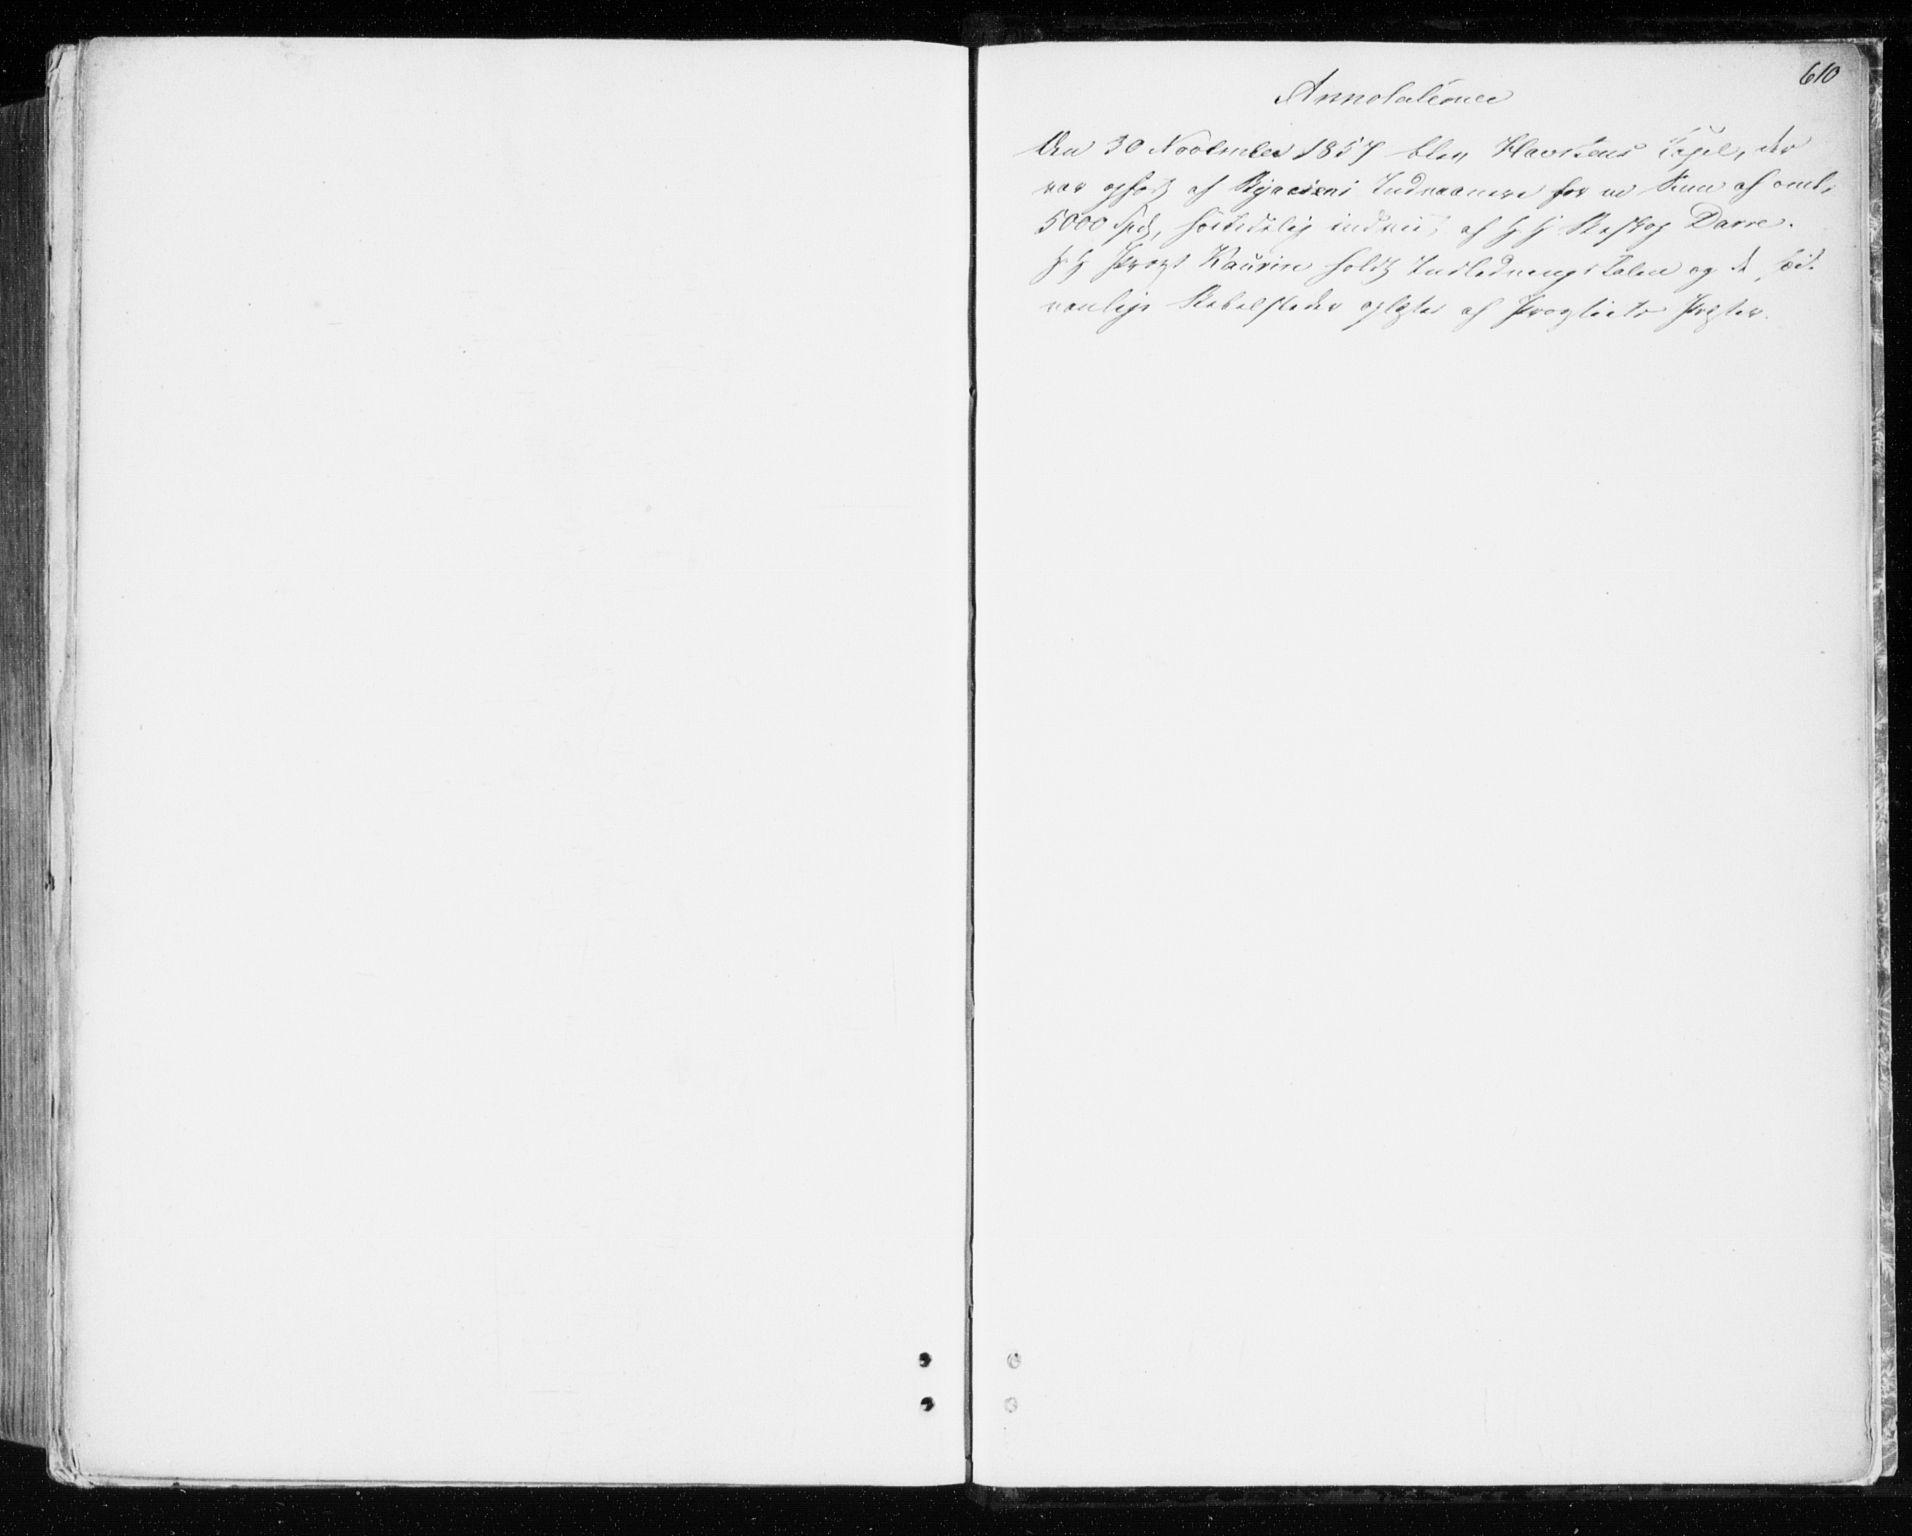 SAT, Ministerialprotokoller, klokkerbøker og fødselsregistre - Sør-Trøndelag, 606/L0292: Ministerialbok nr. 606A07, 1856-1865, s. 610